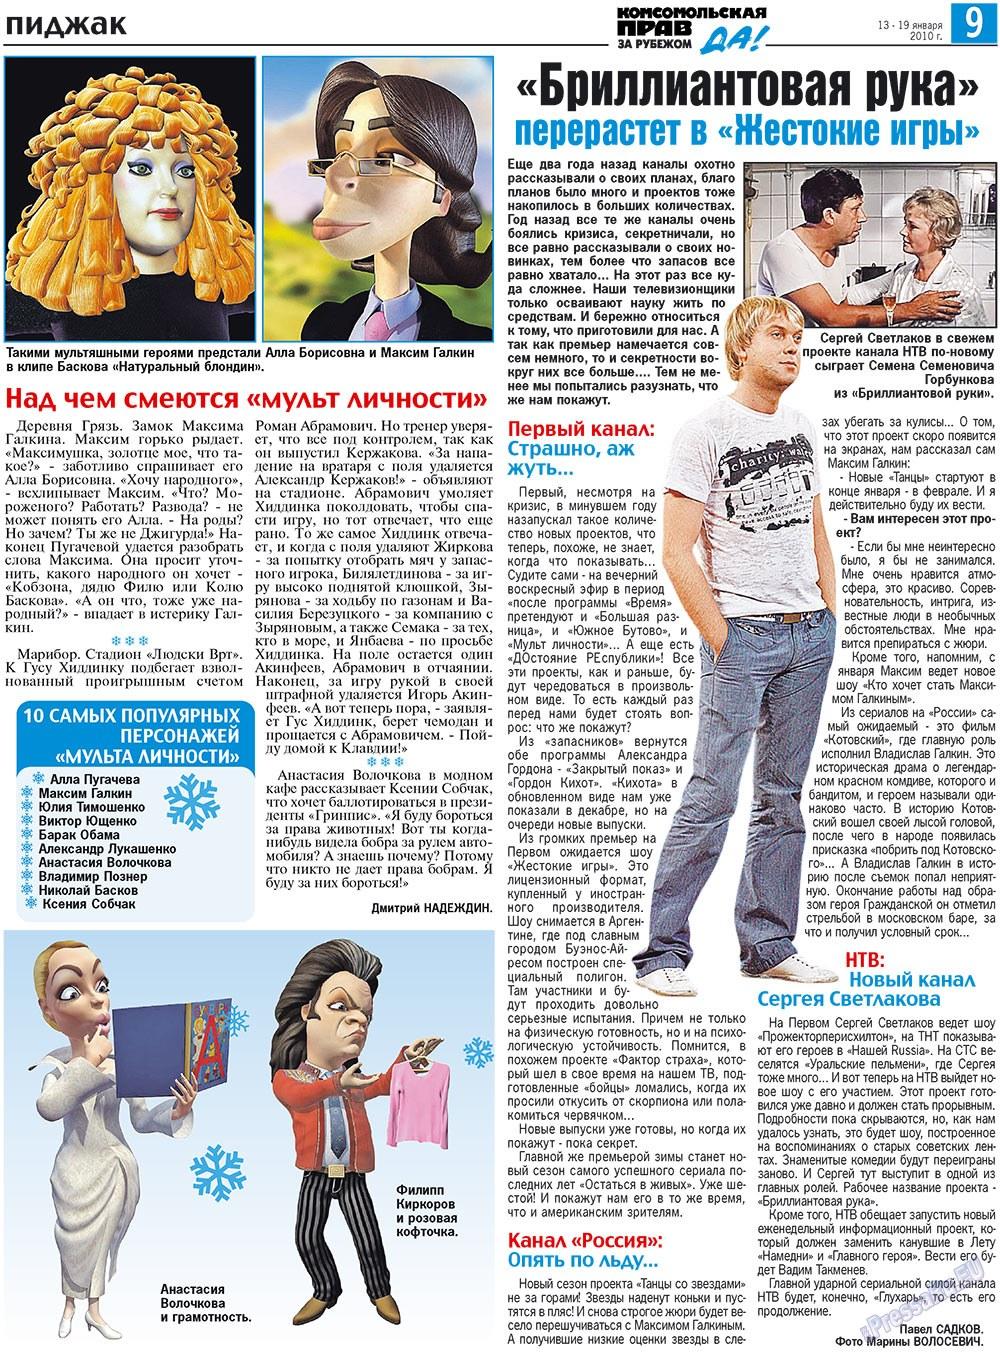 Наша Газета Ирландия (газета). 2010 год, номер 2, стр. 17